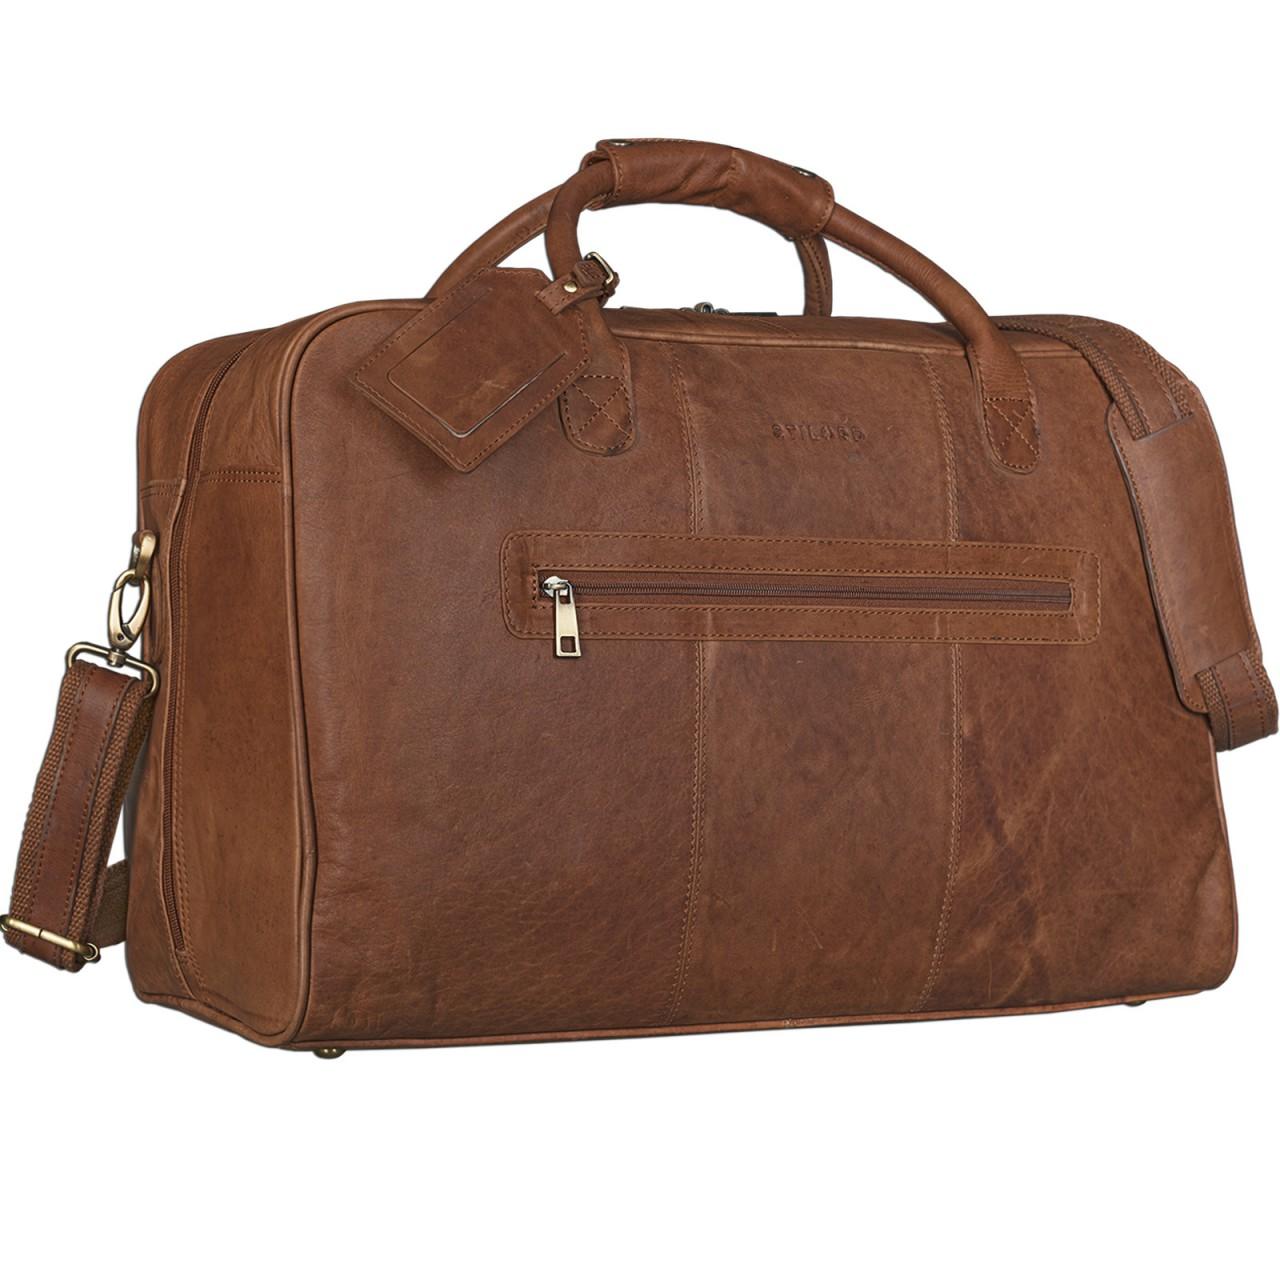 STILORD Reisetasche elegant und groß XXL Weekender Bag Sporttasche Freizeittasche Ledertasche echtes Büffel-Leder cognac braun - Bild 1